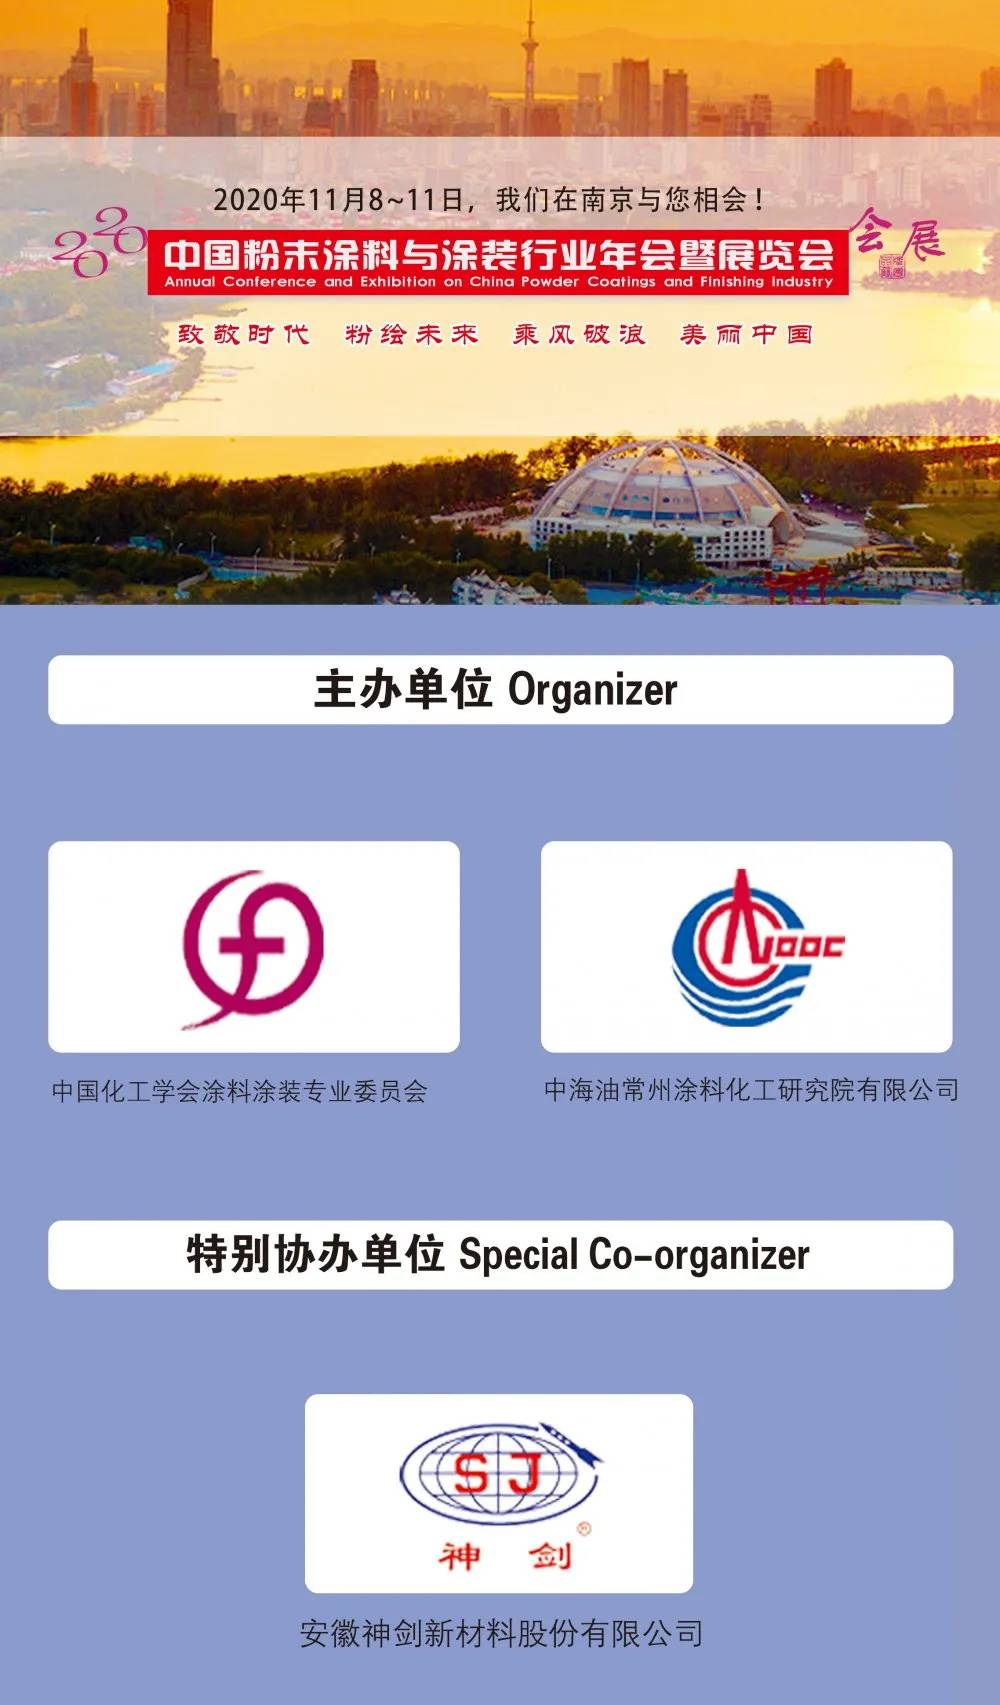 2020中国粉末涂料与涂装行业年会及展览会落地南京